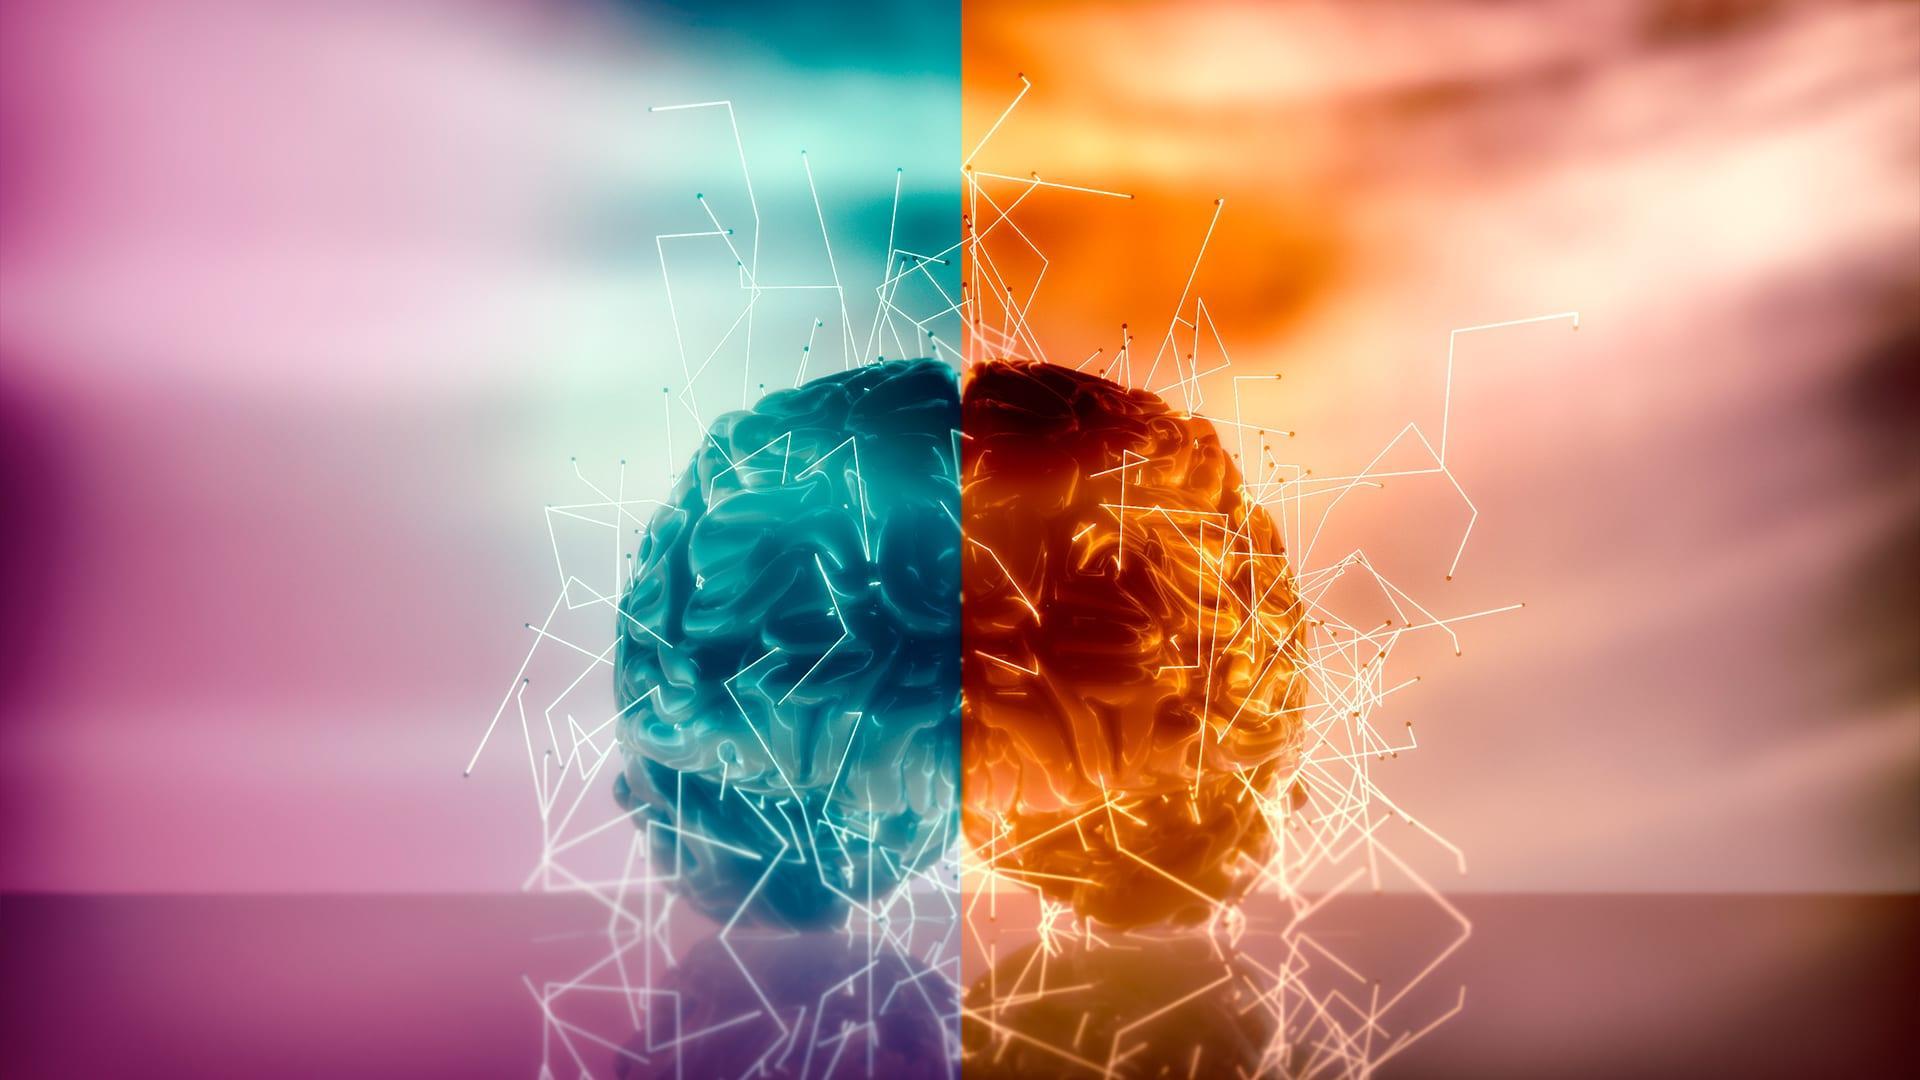 Такие разные, но так похожи: общий исход нейродегенеративных патологий